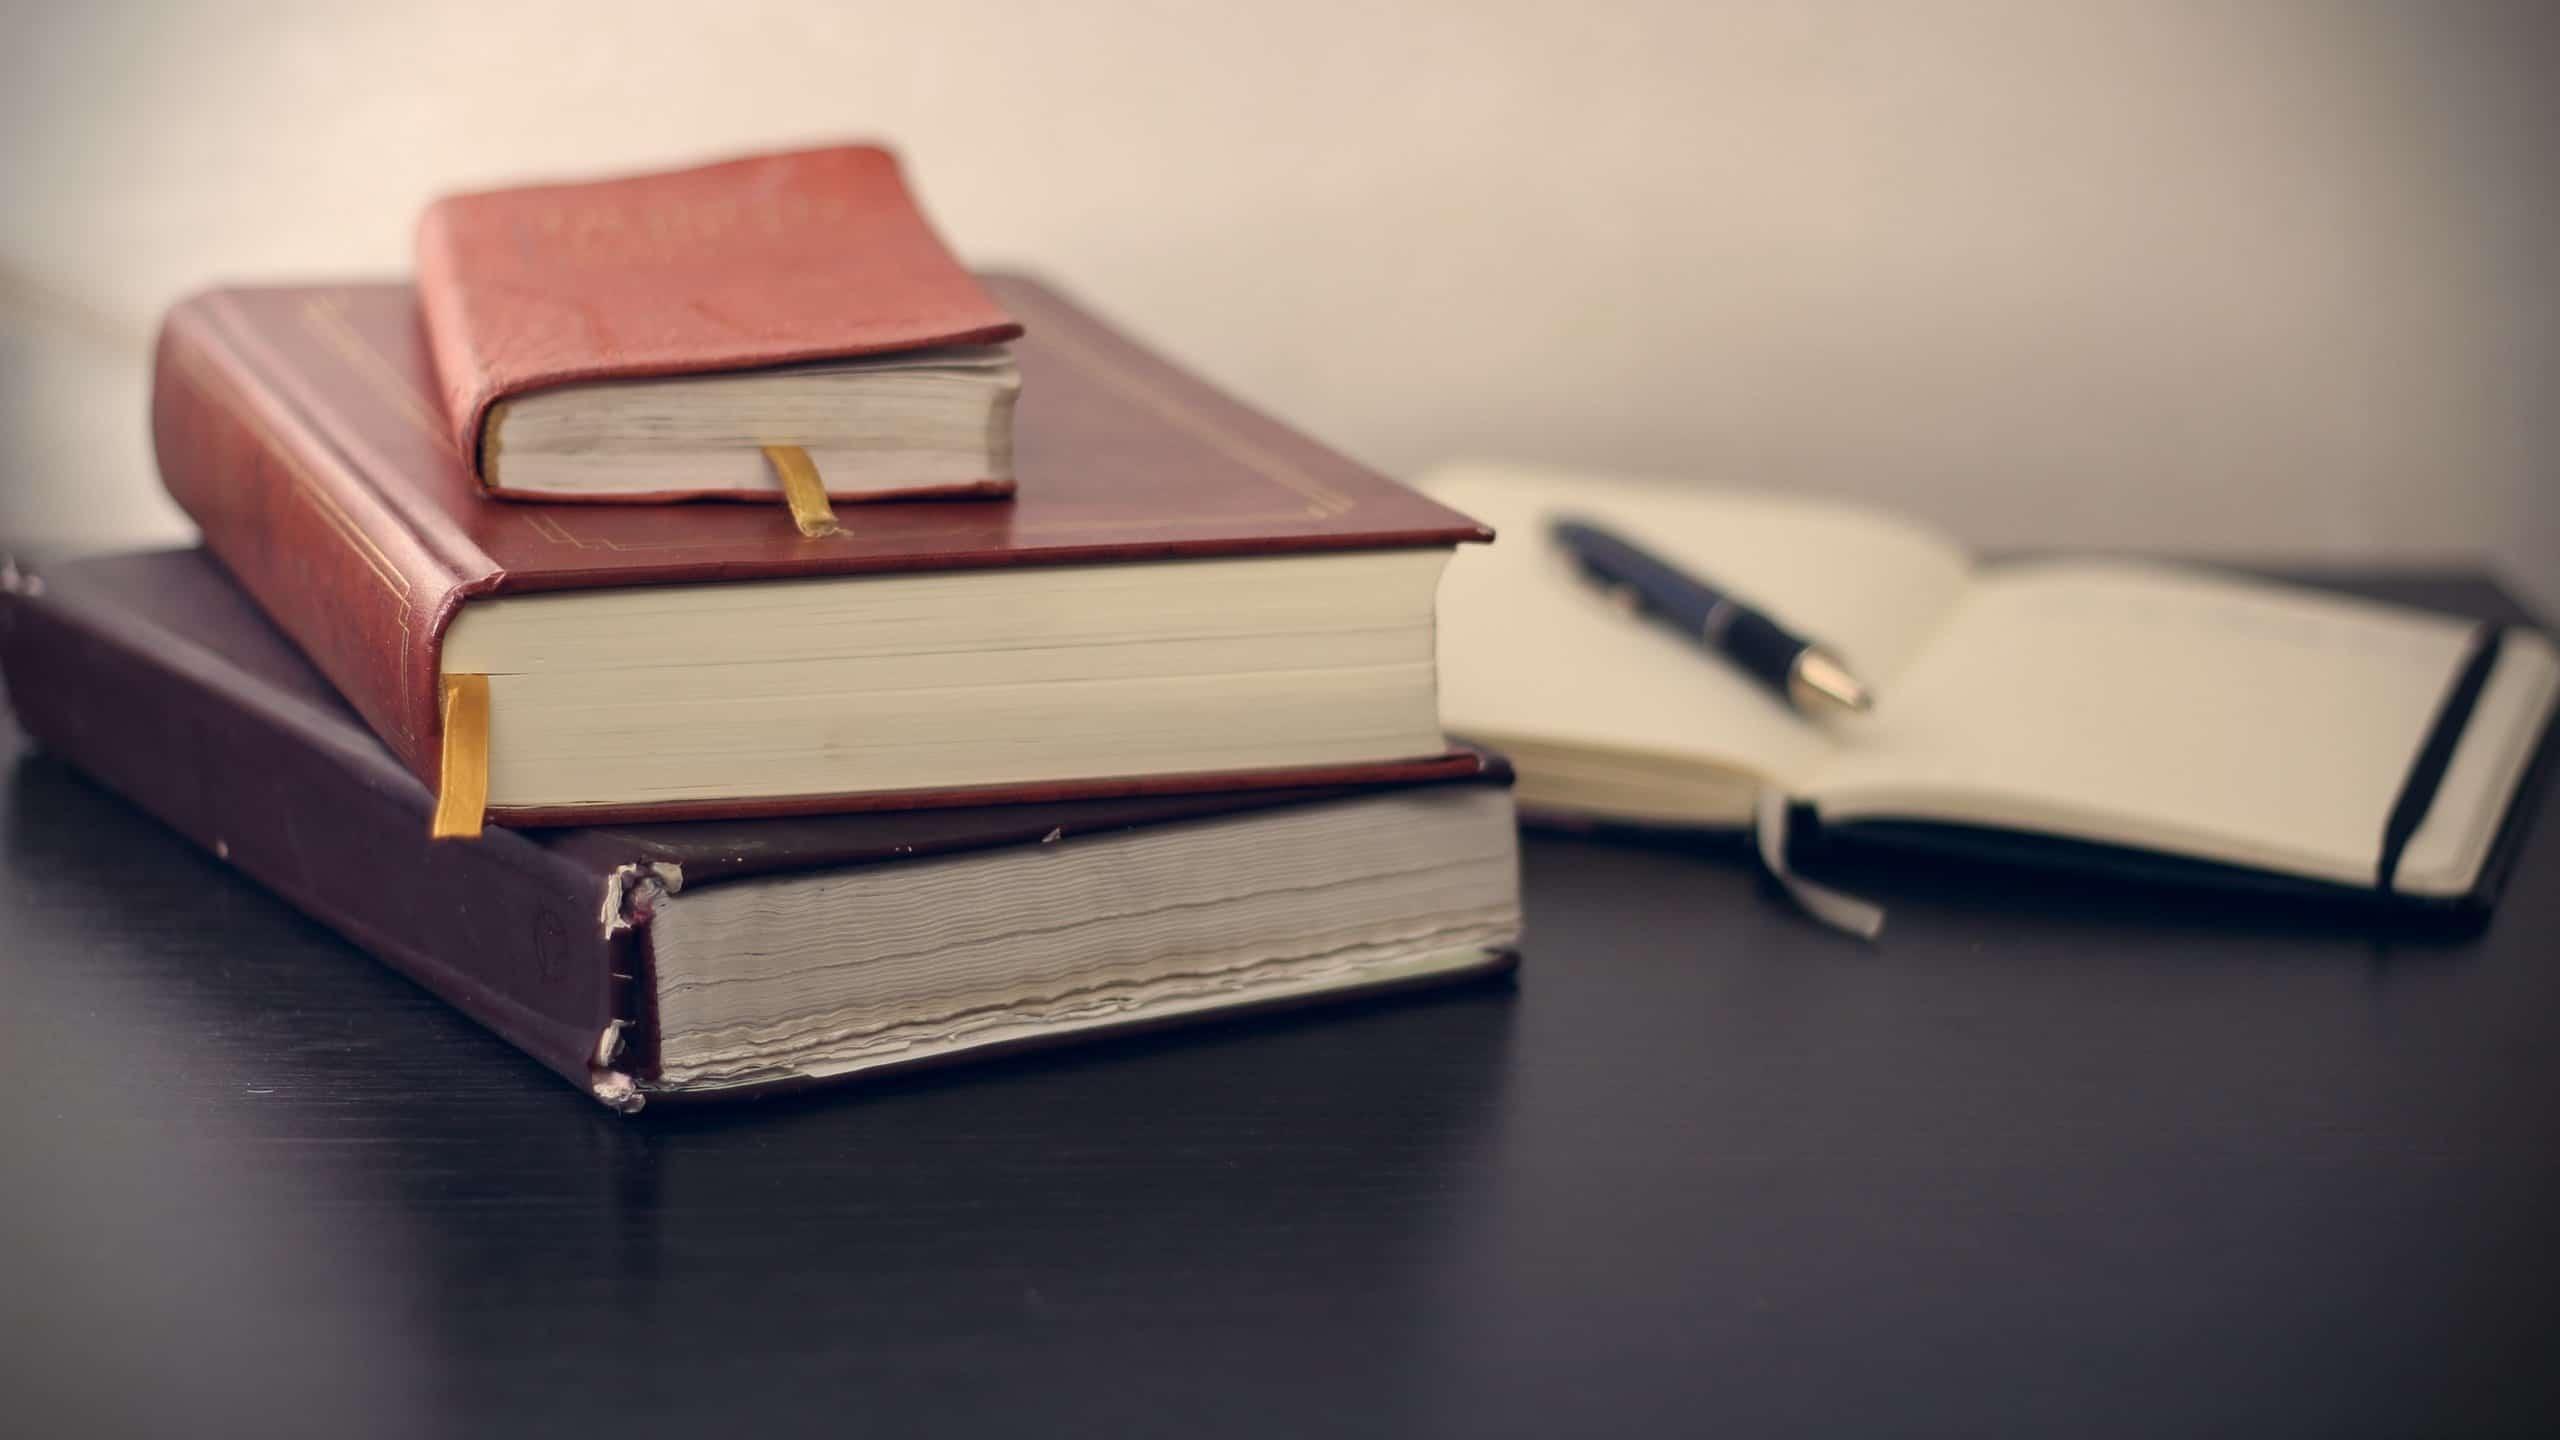 3冊の古い日記帳と新しい日記帳